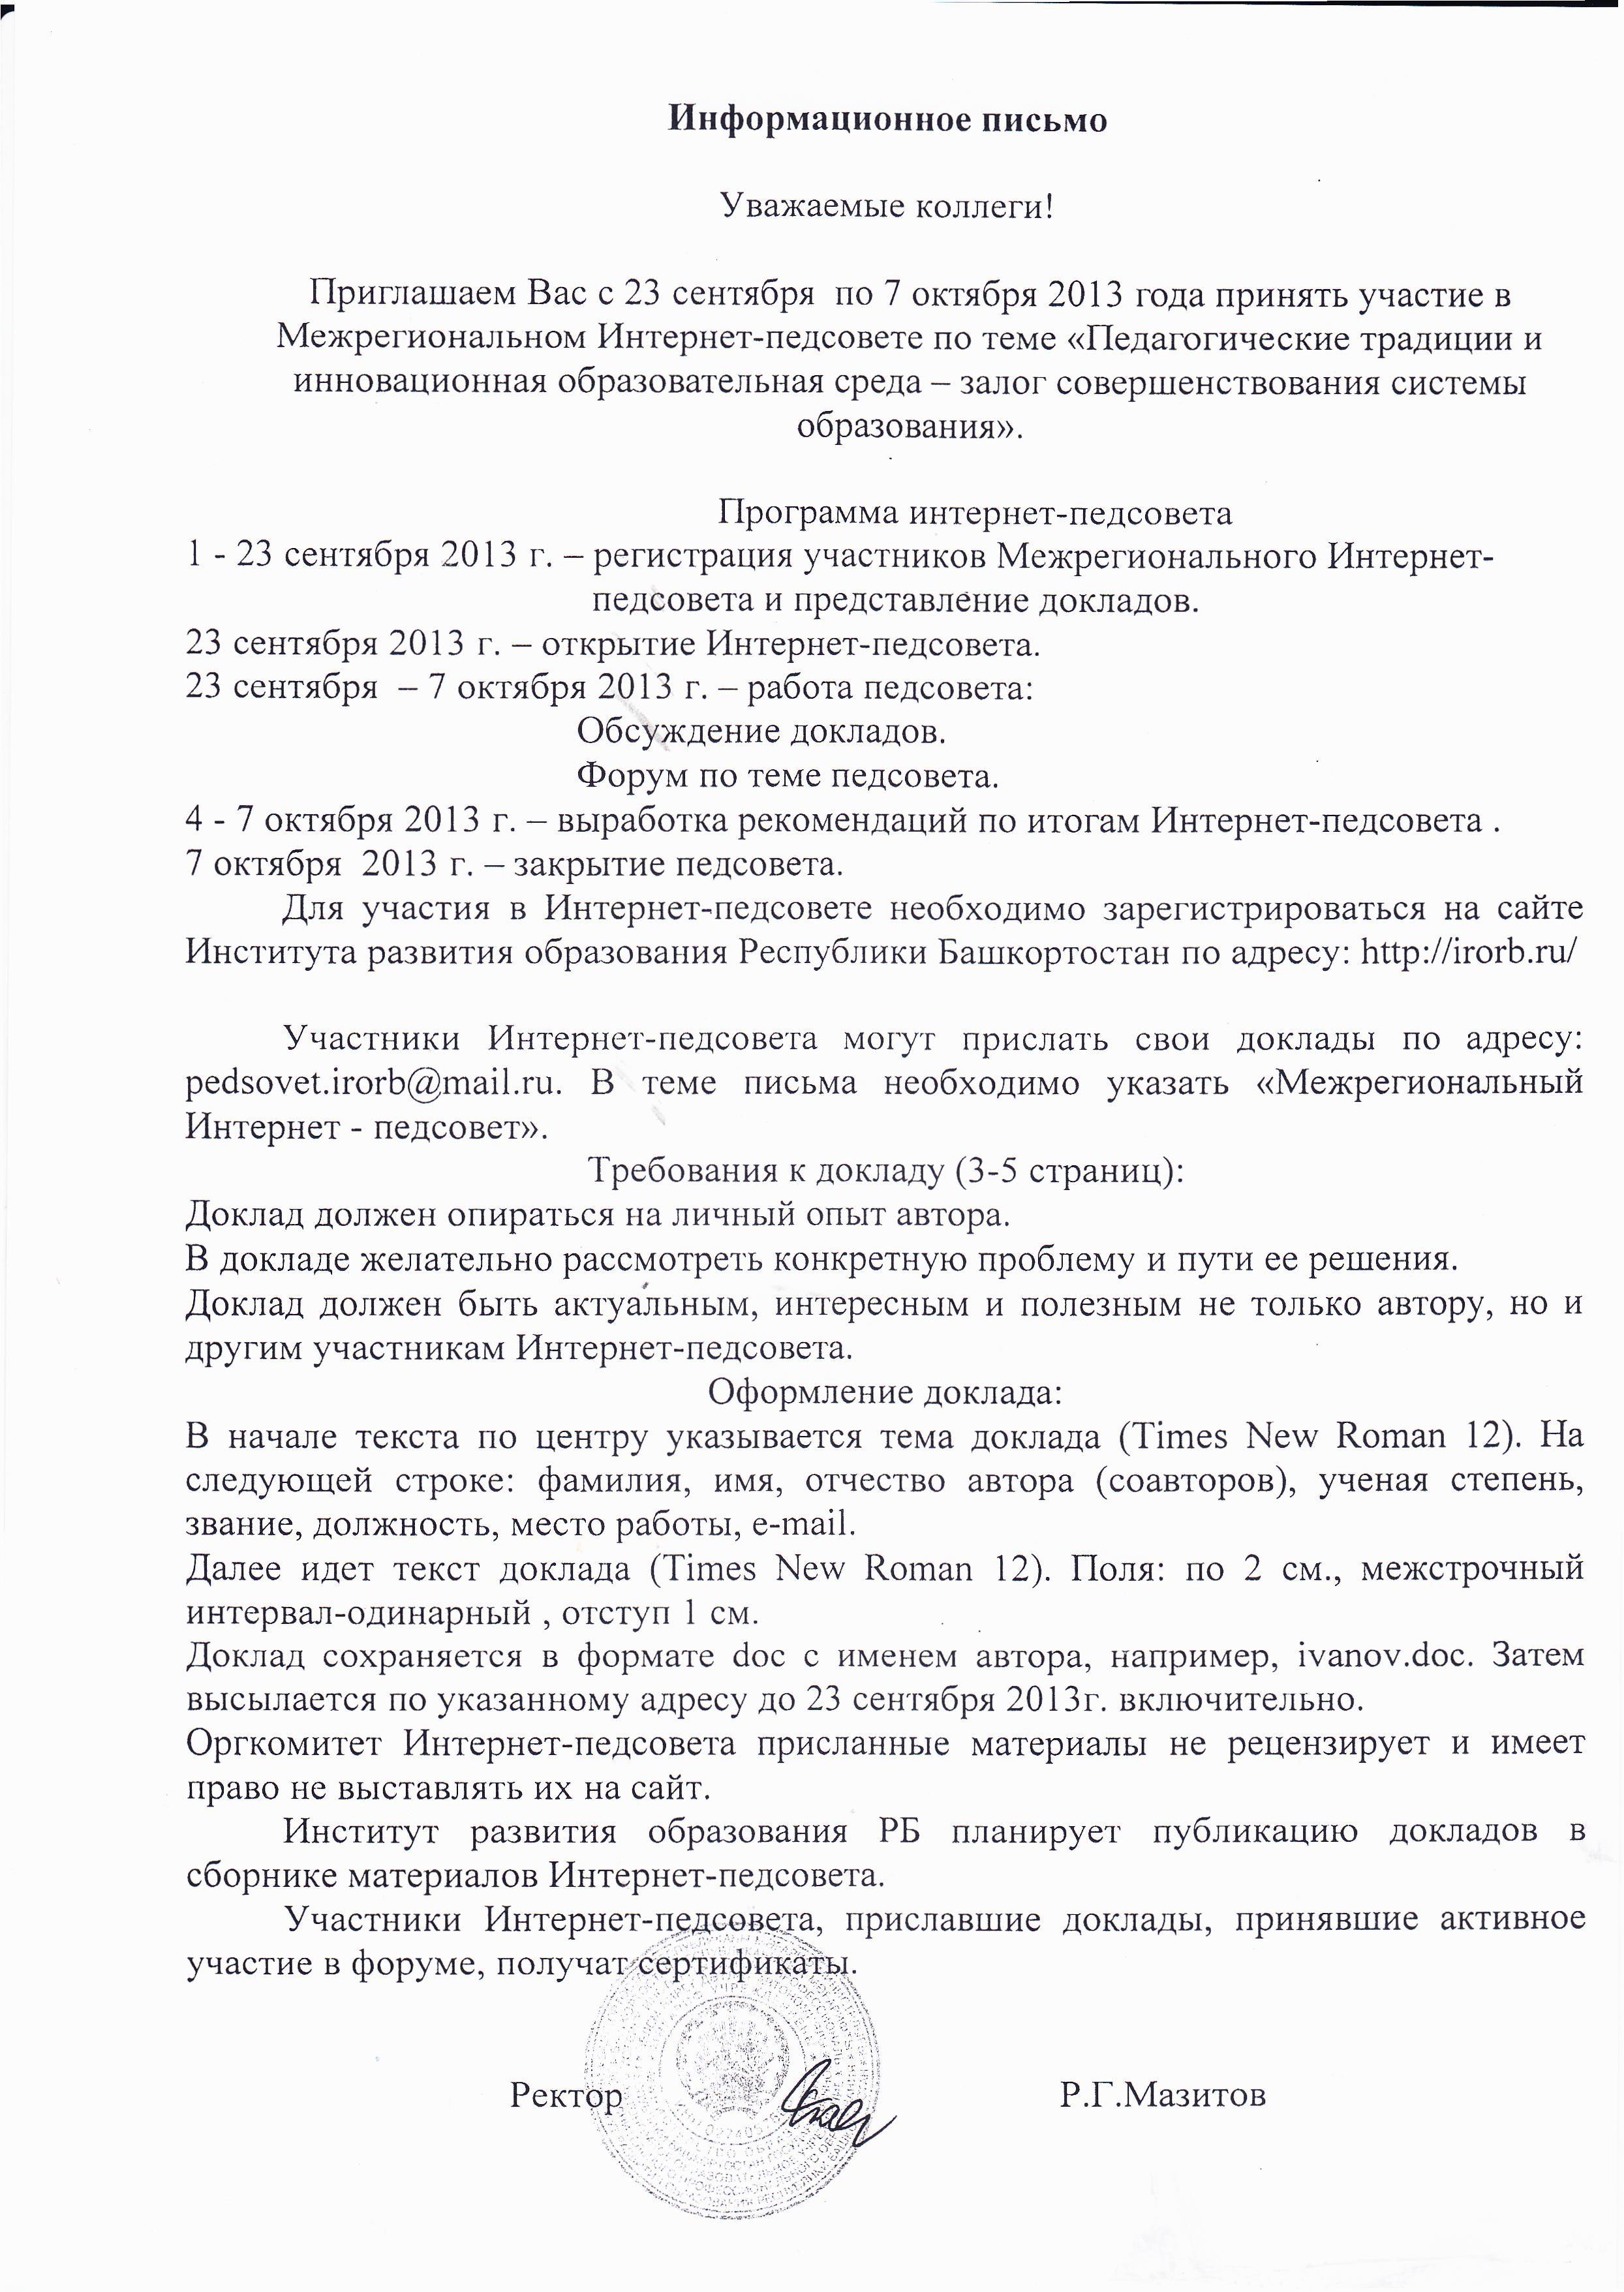 гдз русский язык 7 класс давидюк стативка 2016